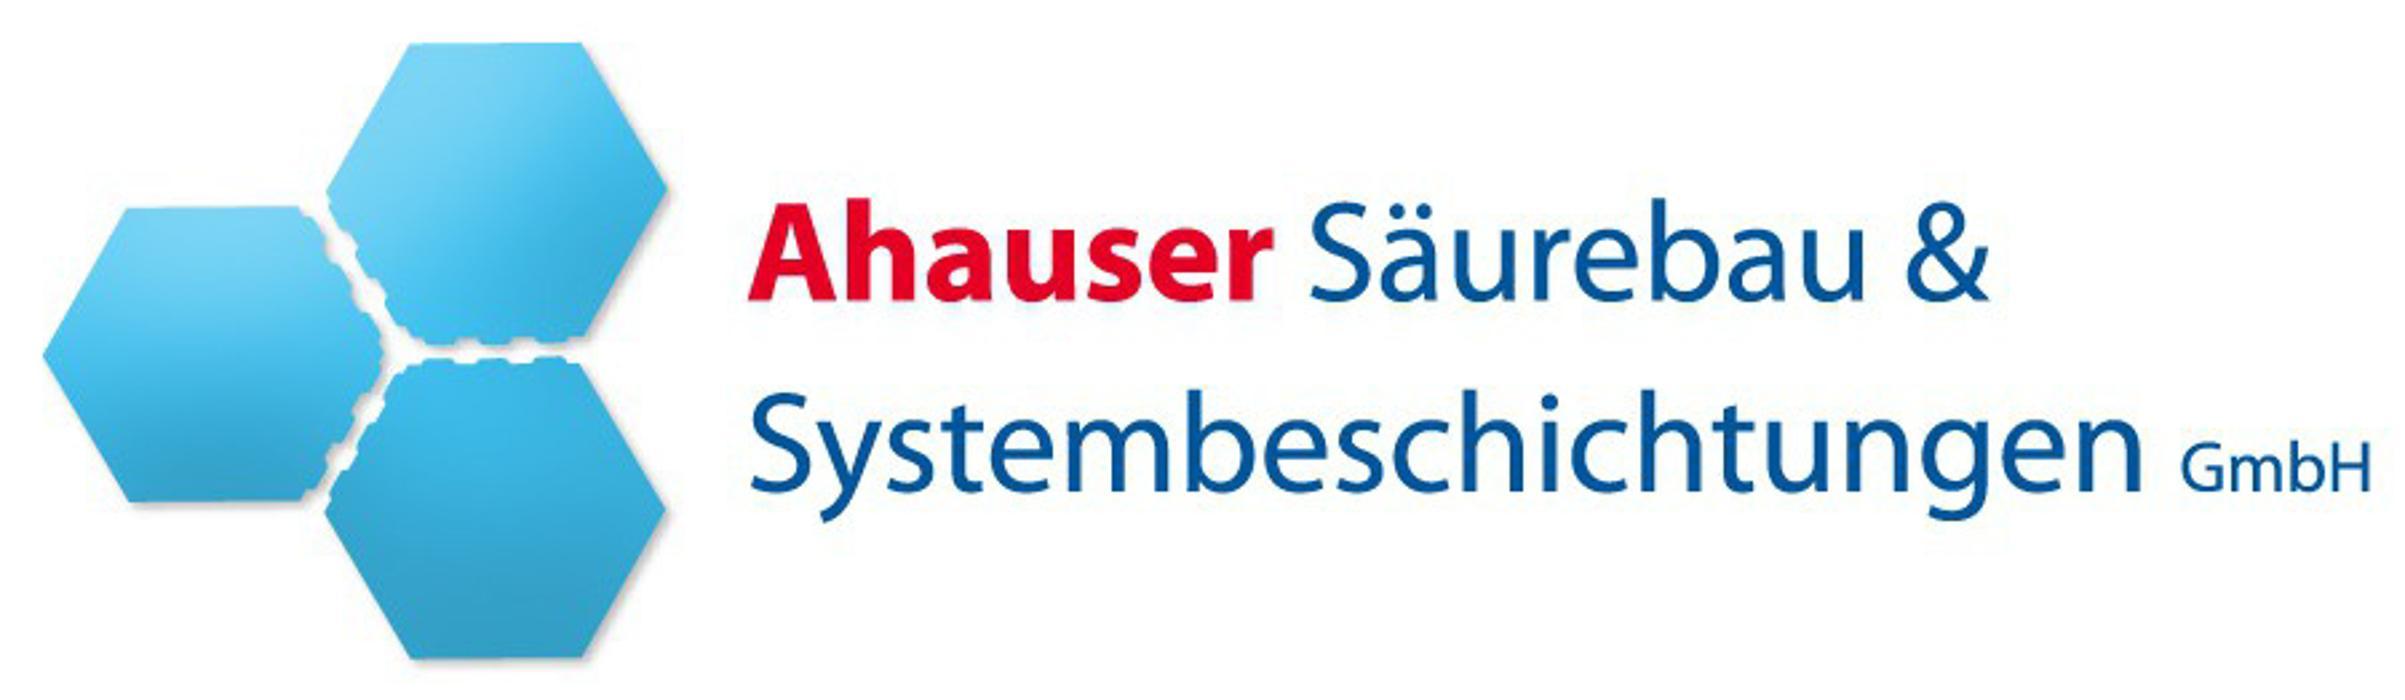 Bild zu Ahauser Säurebau und Systembeschichtungen GmbH in Ahaus